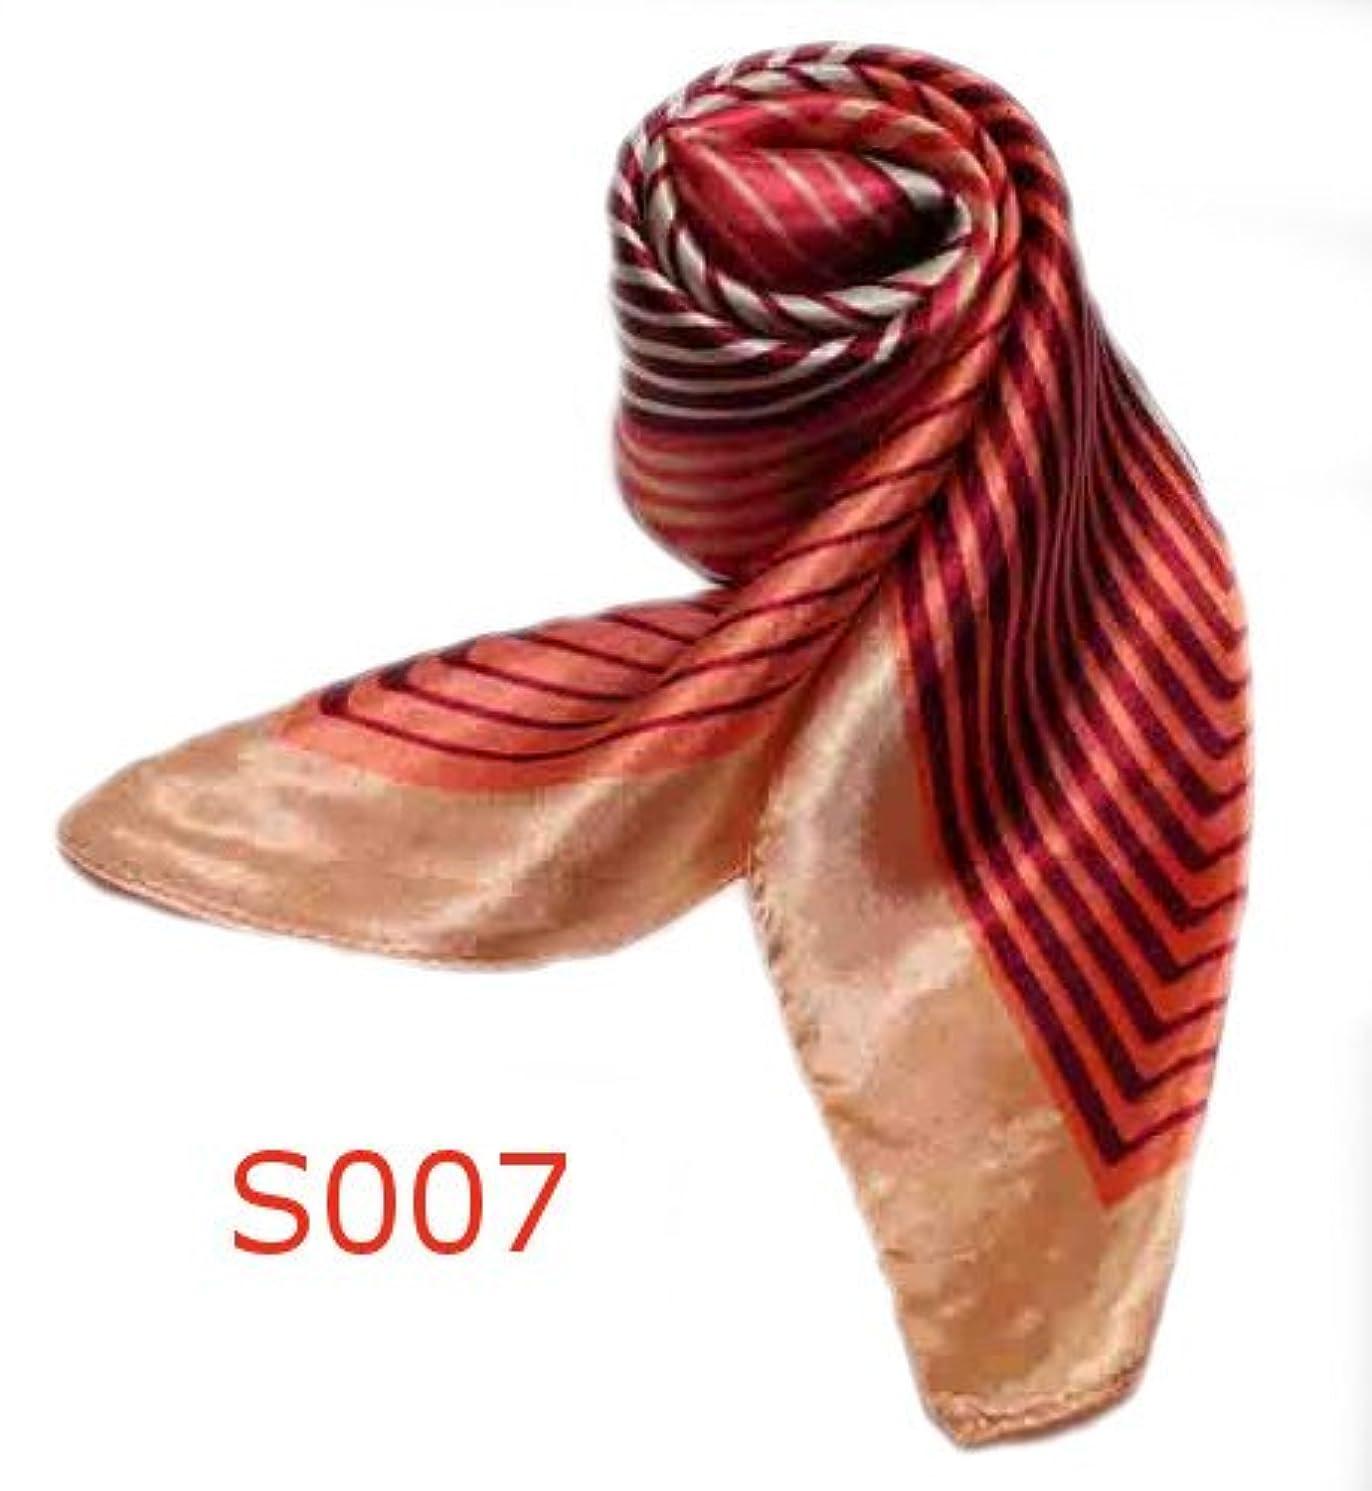 等々のりトレーニングシルク調スカーフ?企業制服スカーフ?60cm角 2012春 スカーフ(全10色)?中国雑貨 (s007)